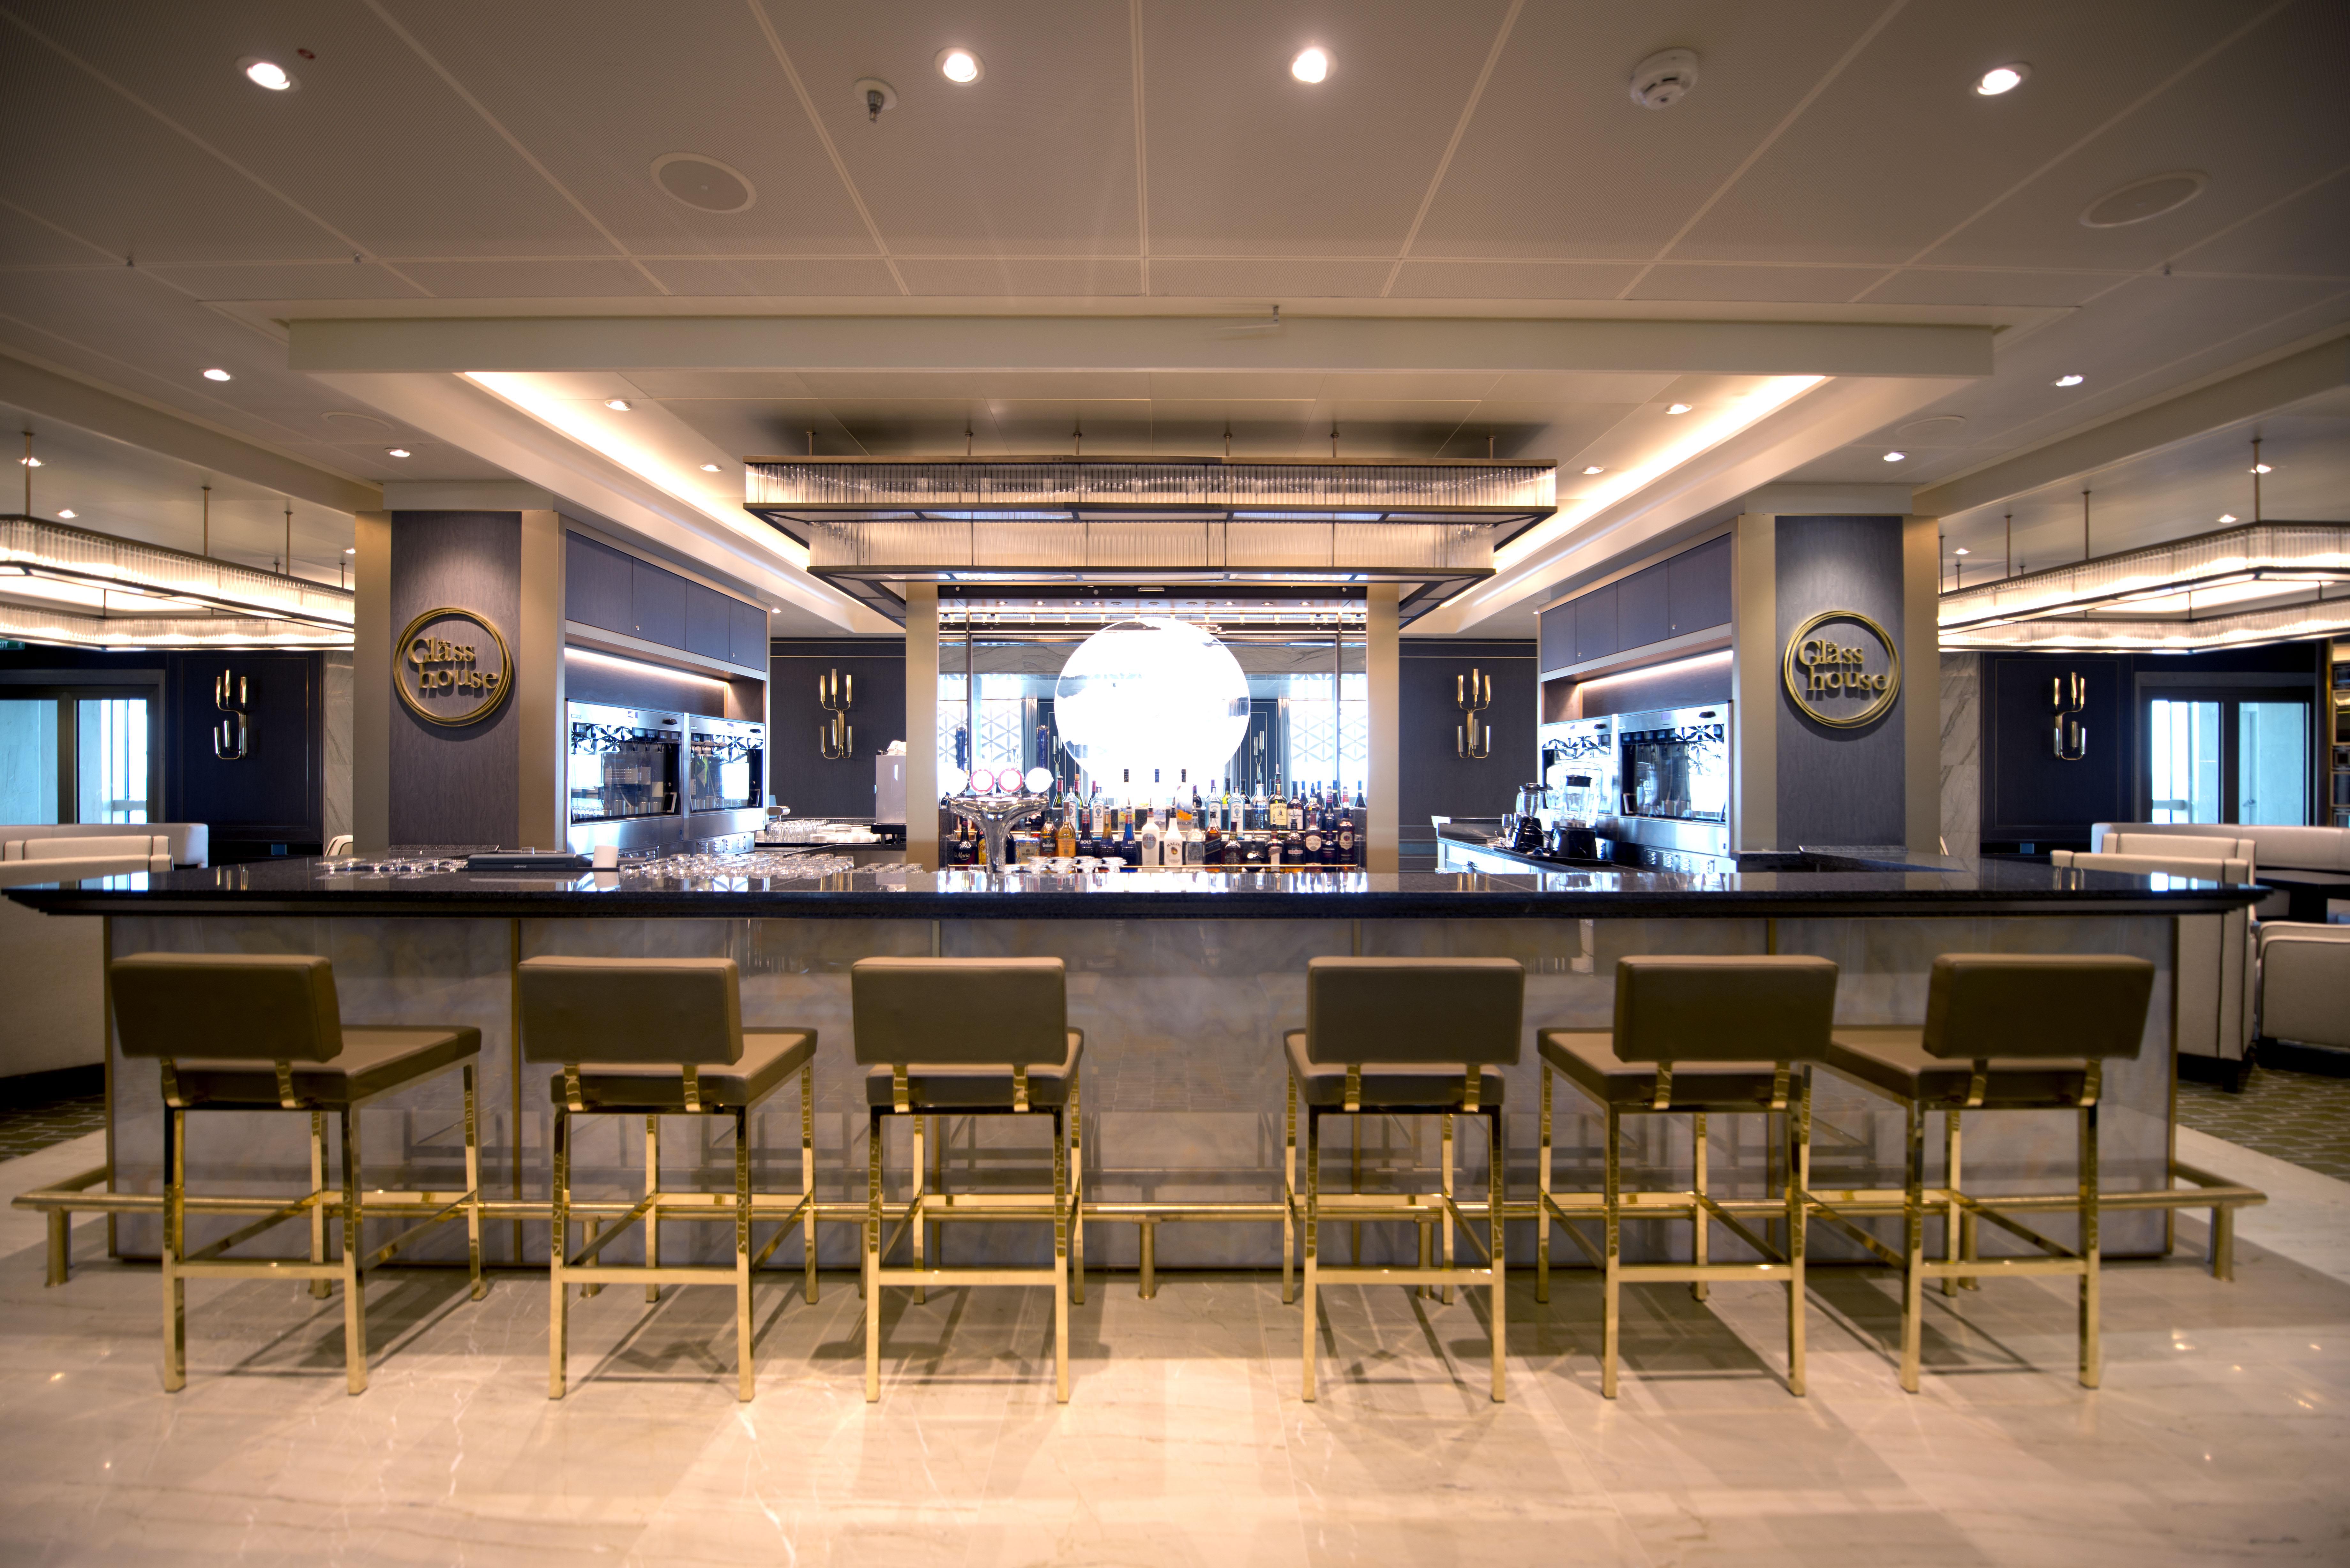 P&O Cruises Britannia Interior Glass House D806692 [Tif 14714600402].jpg